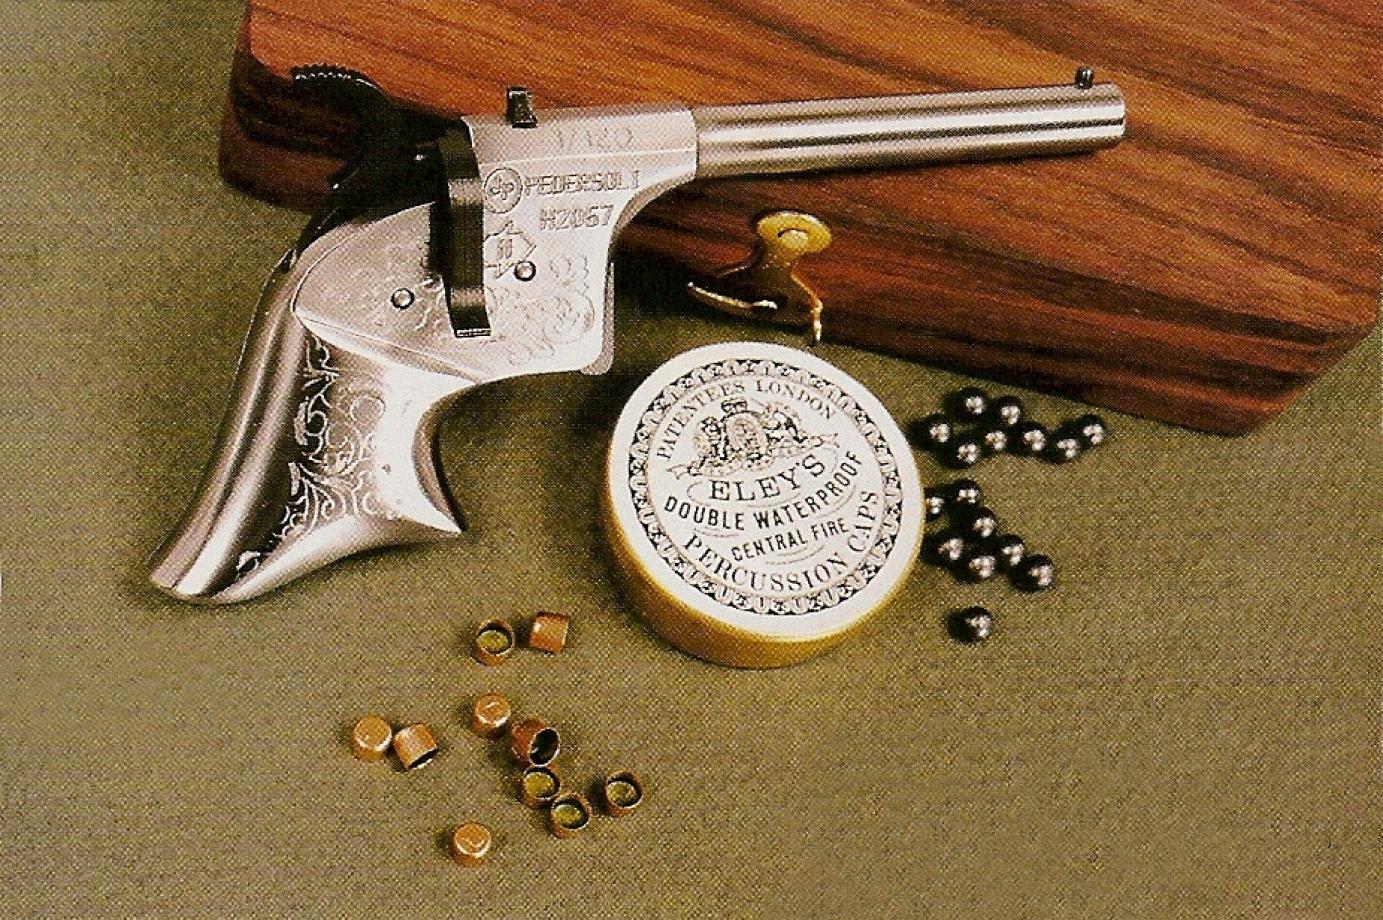 Une finition luxueuse, le pistolet étant gravé et présenté dans un petit coffret en noyer massif, est proposée uniquement en série spéciale au tirage très limitée (120 exemplaires pour la France).